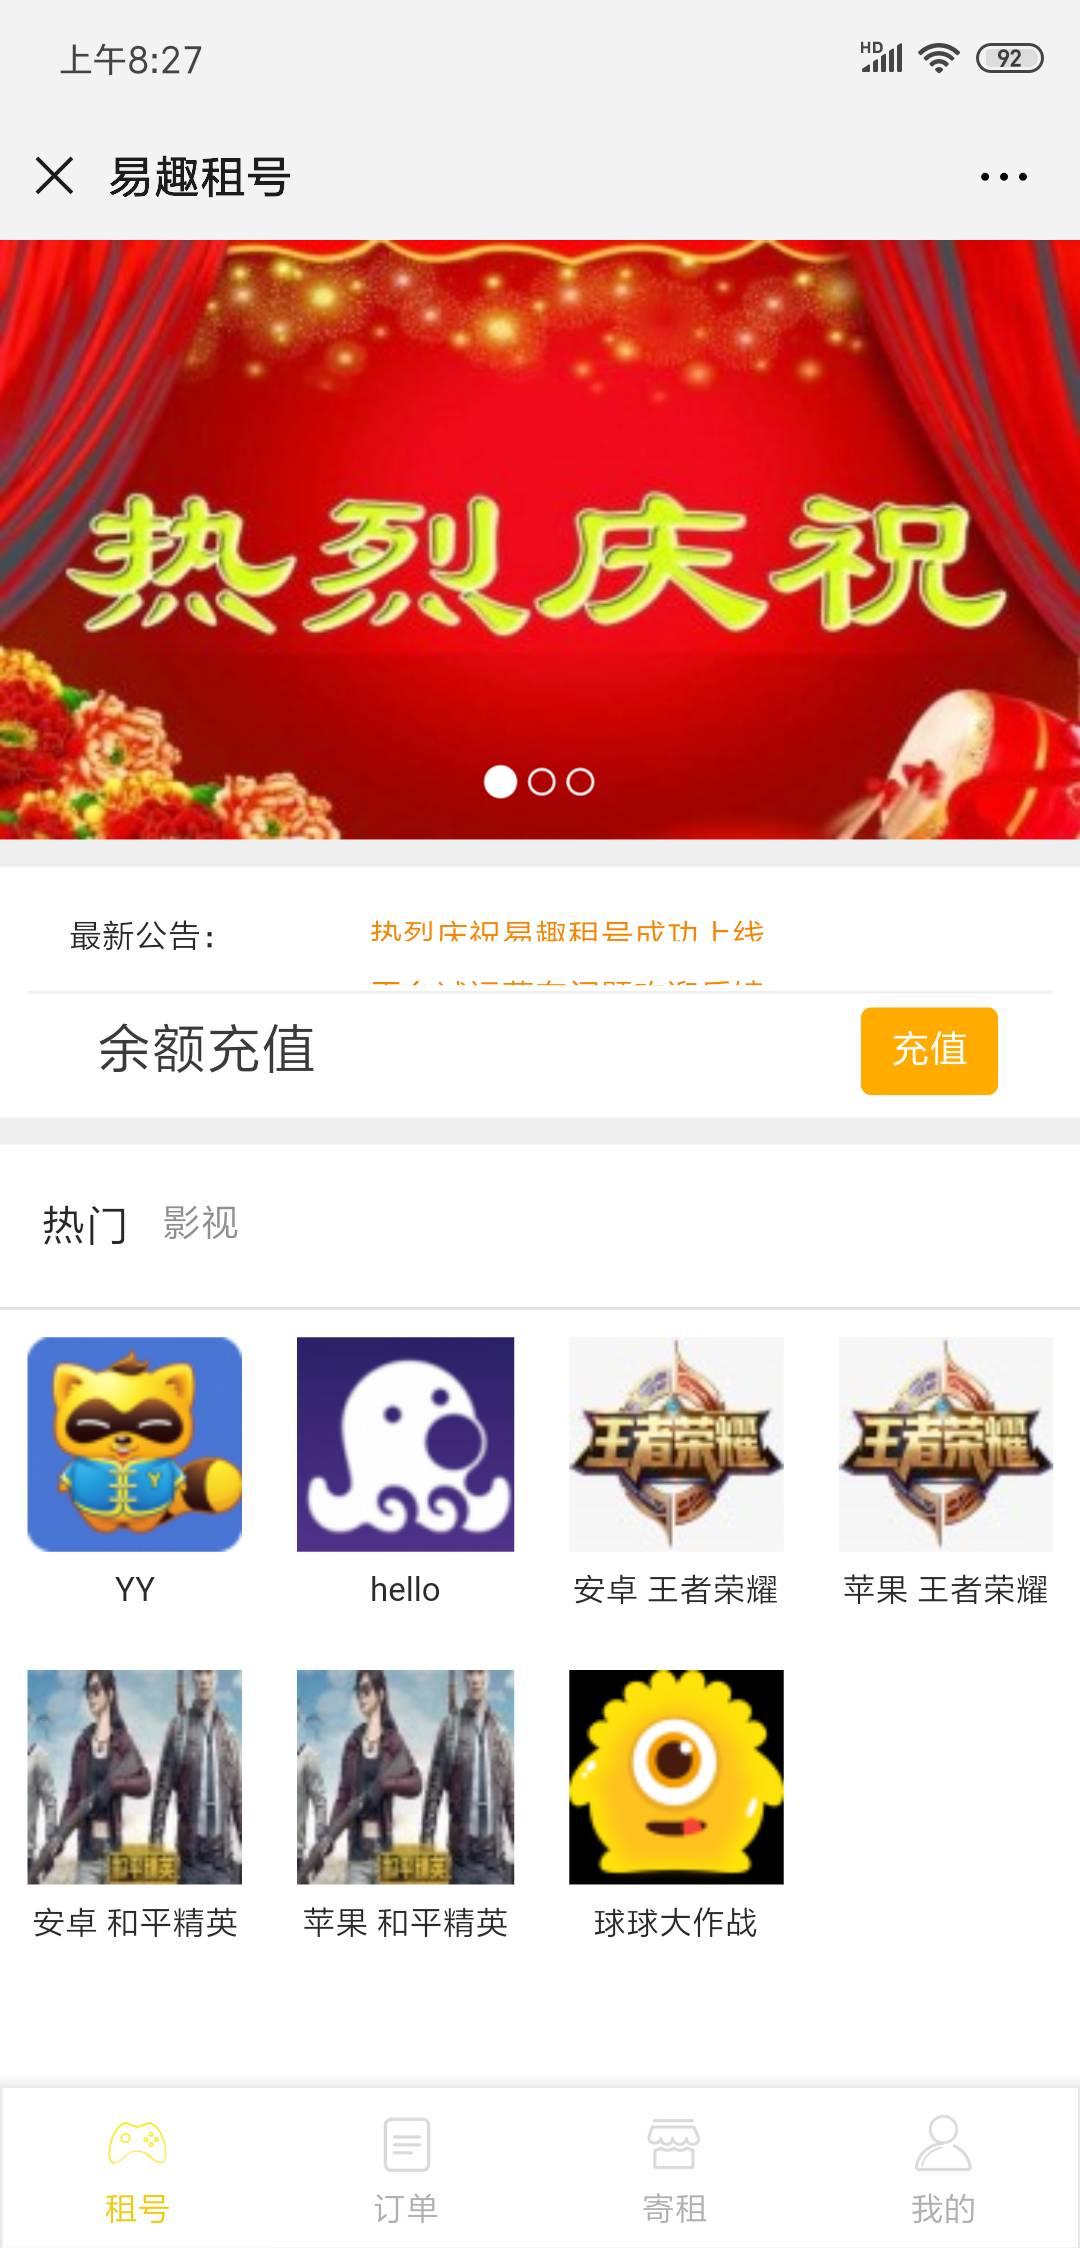 淮北嗨七传媒有限公司易趣租号APP开发